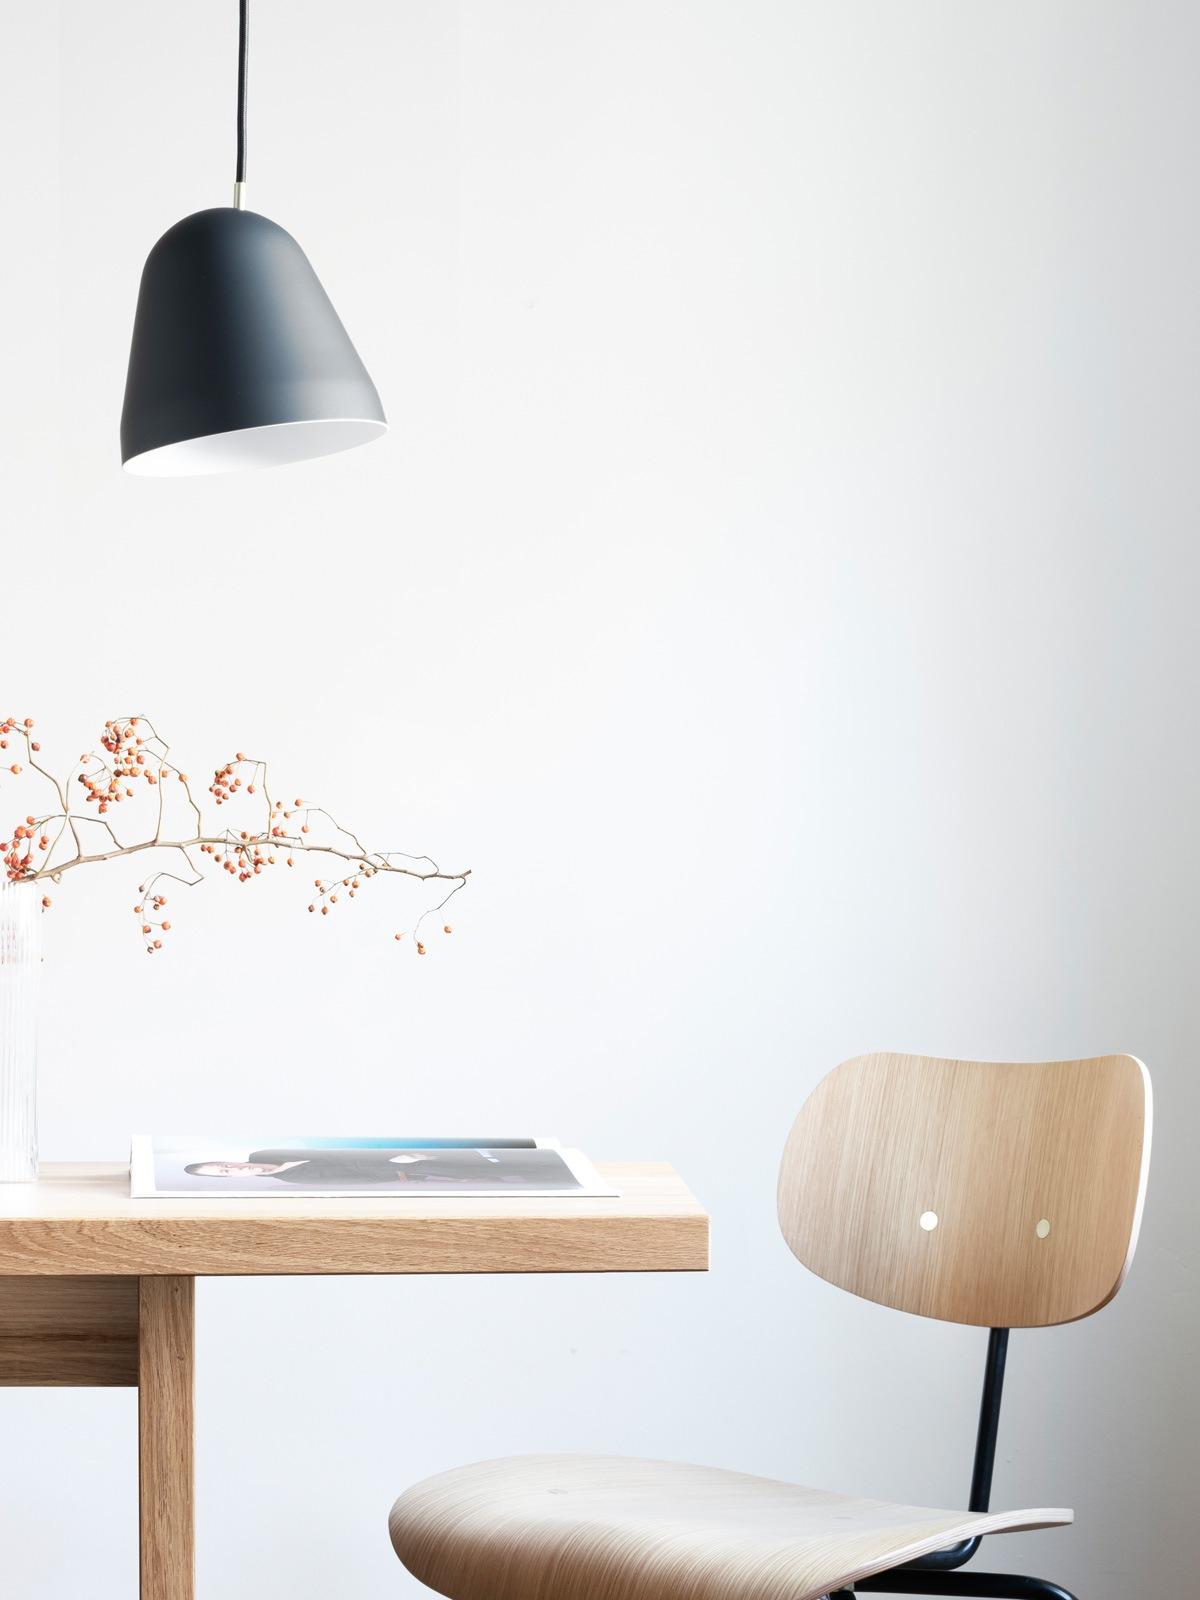 DesignOrt Blog: Made in Germany Pendelleuchte mit beweglichem Schirm DeisgnOrt Onlineshop Lampen